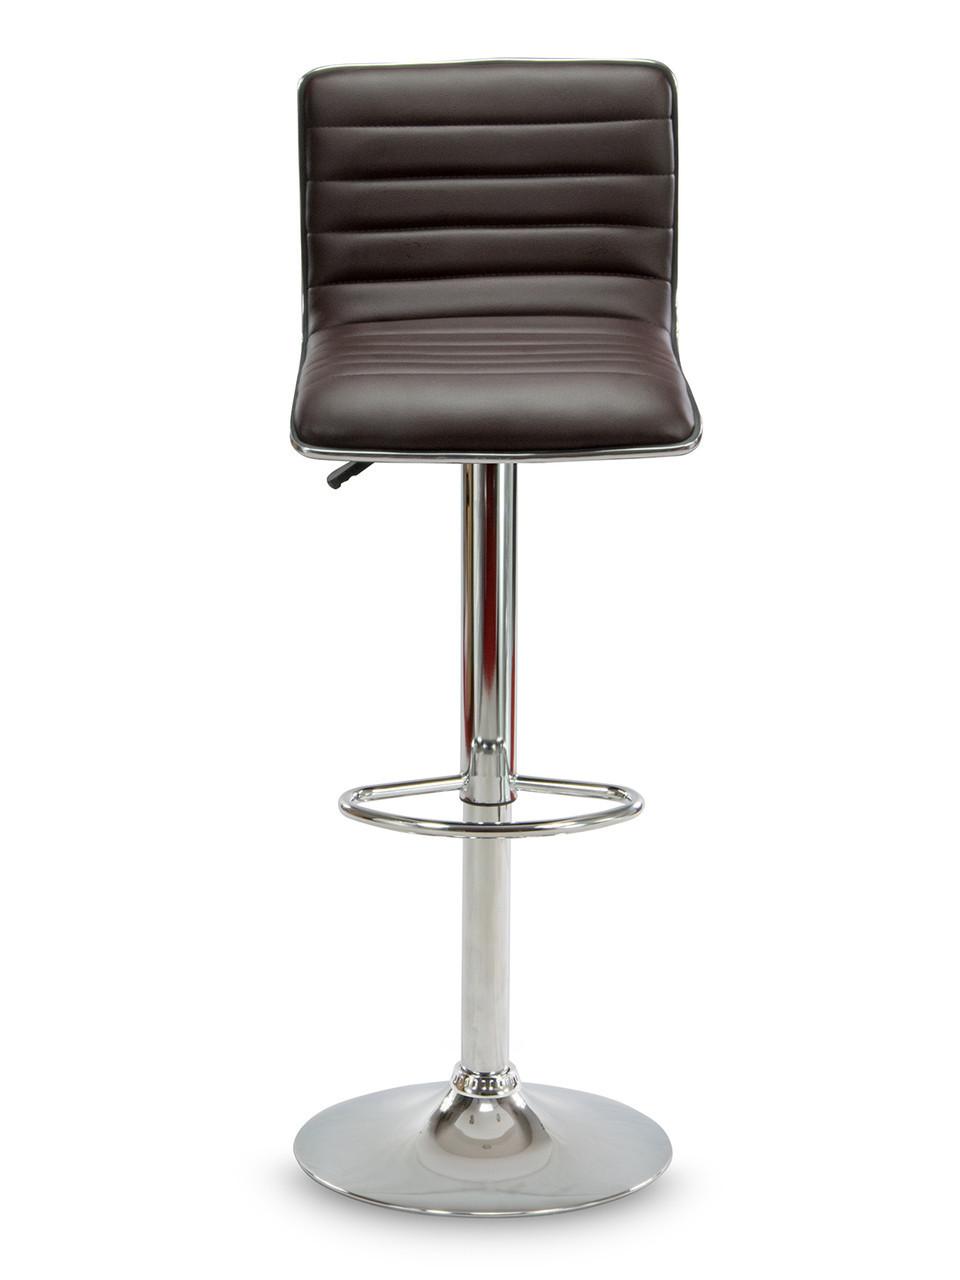 Барный стул MALVA SOFOTEL (4 цвета) коричневый Качество ЕС, Польша